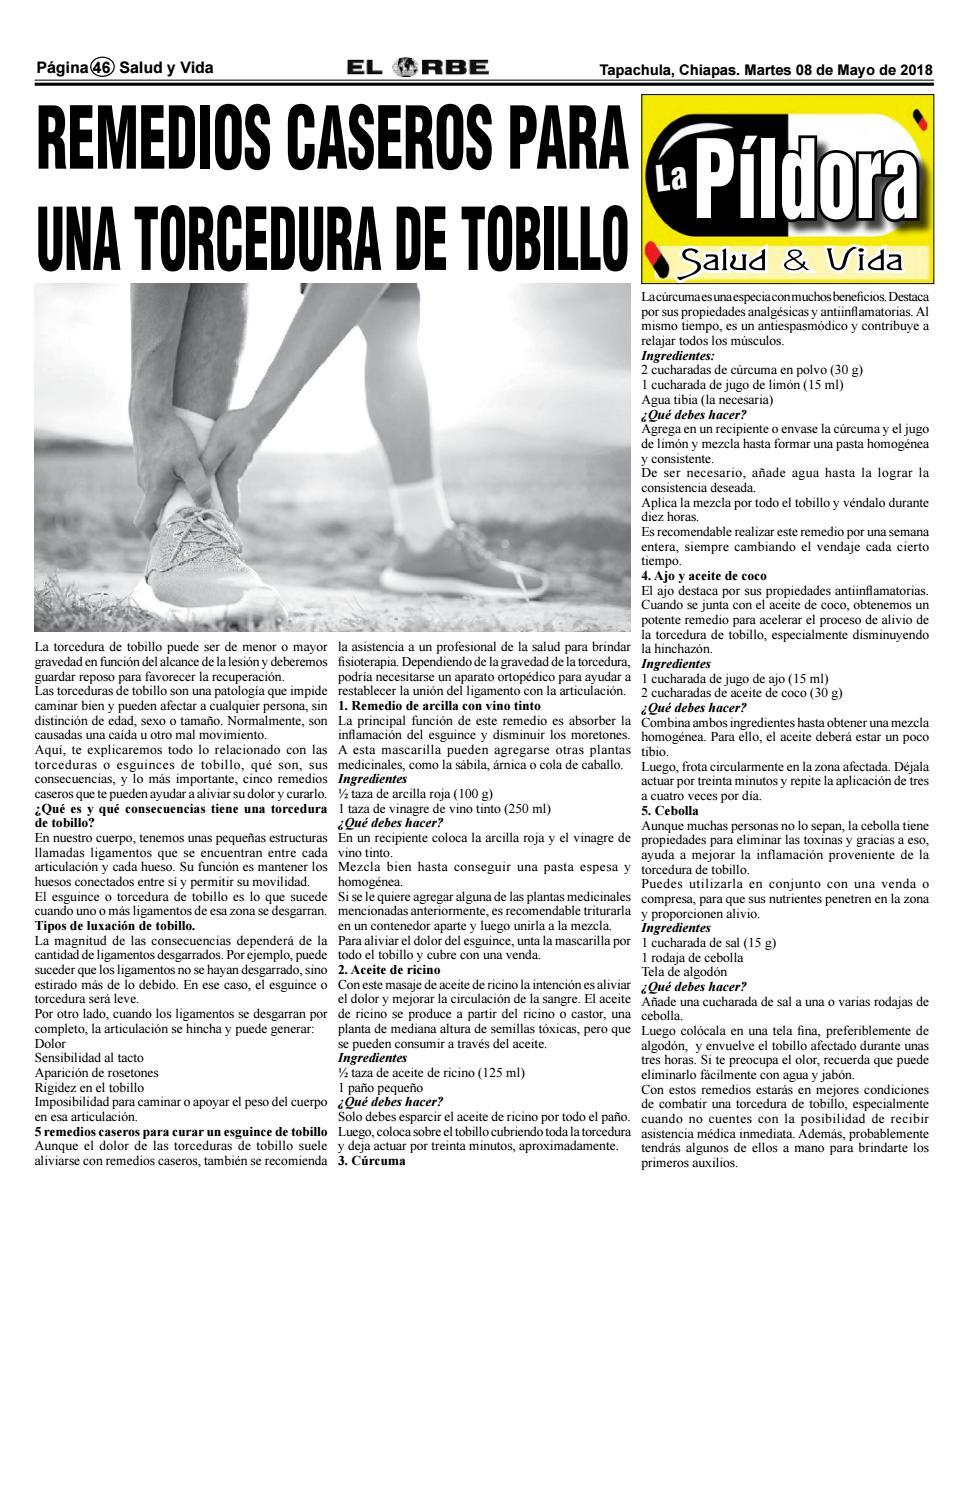 remedios caseros para desinflamar un tobillo